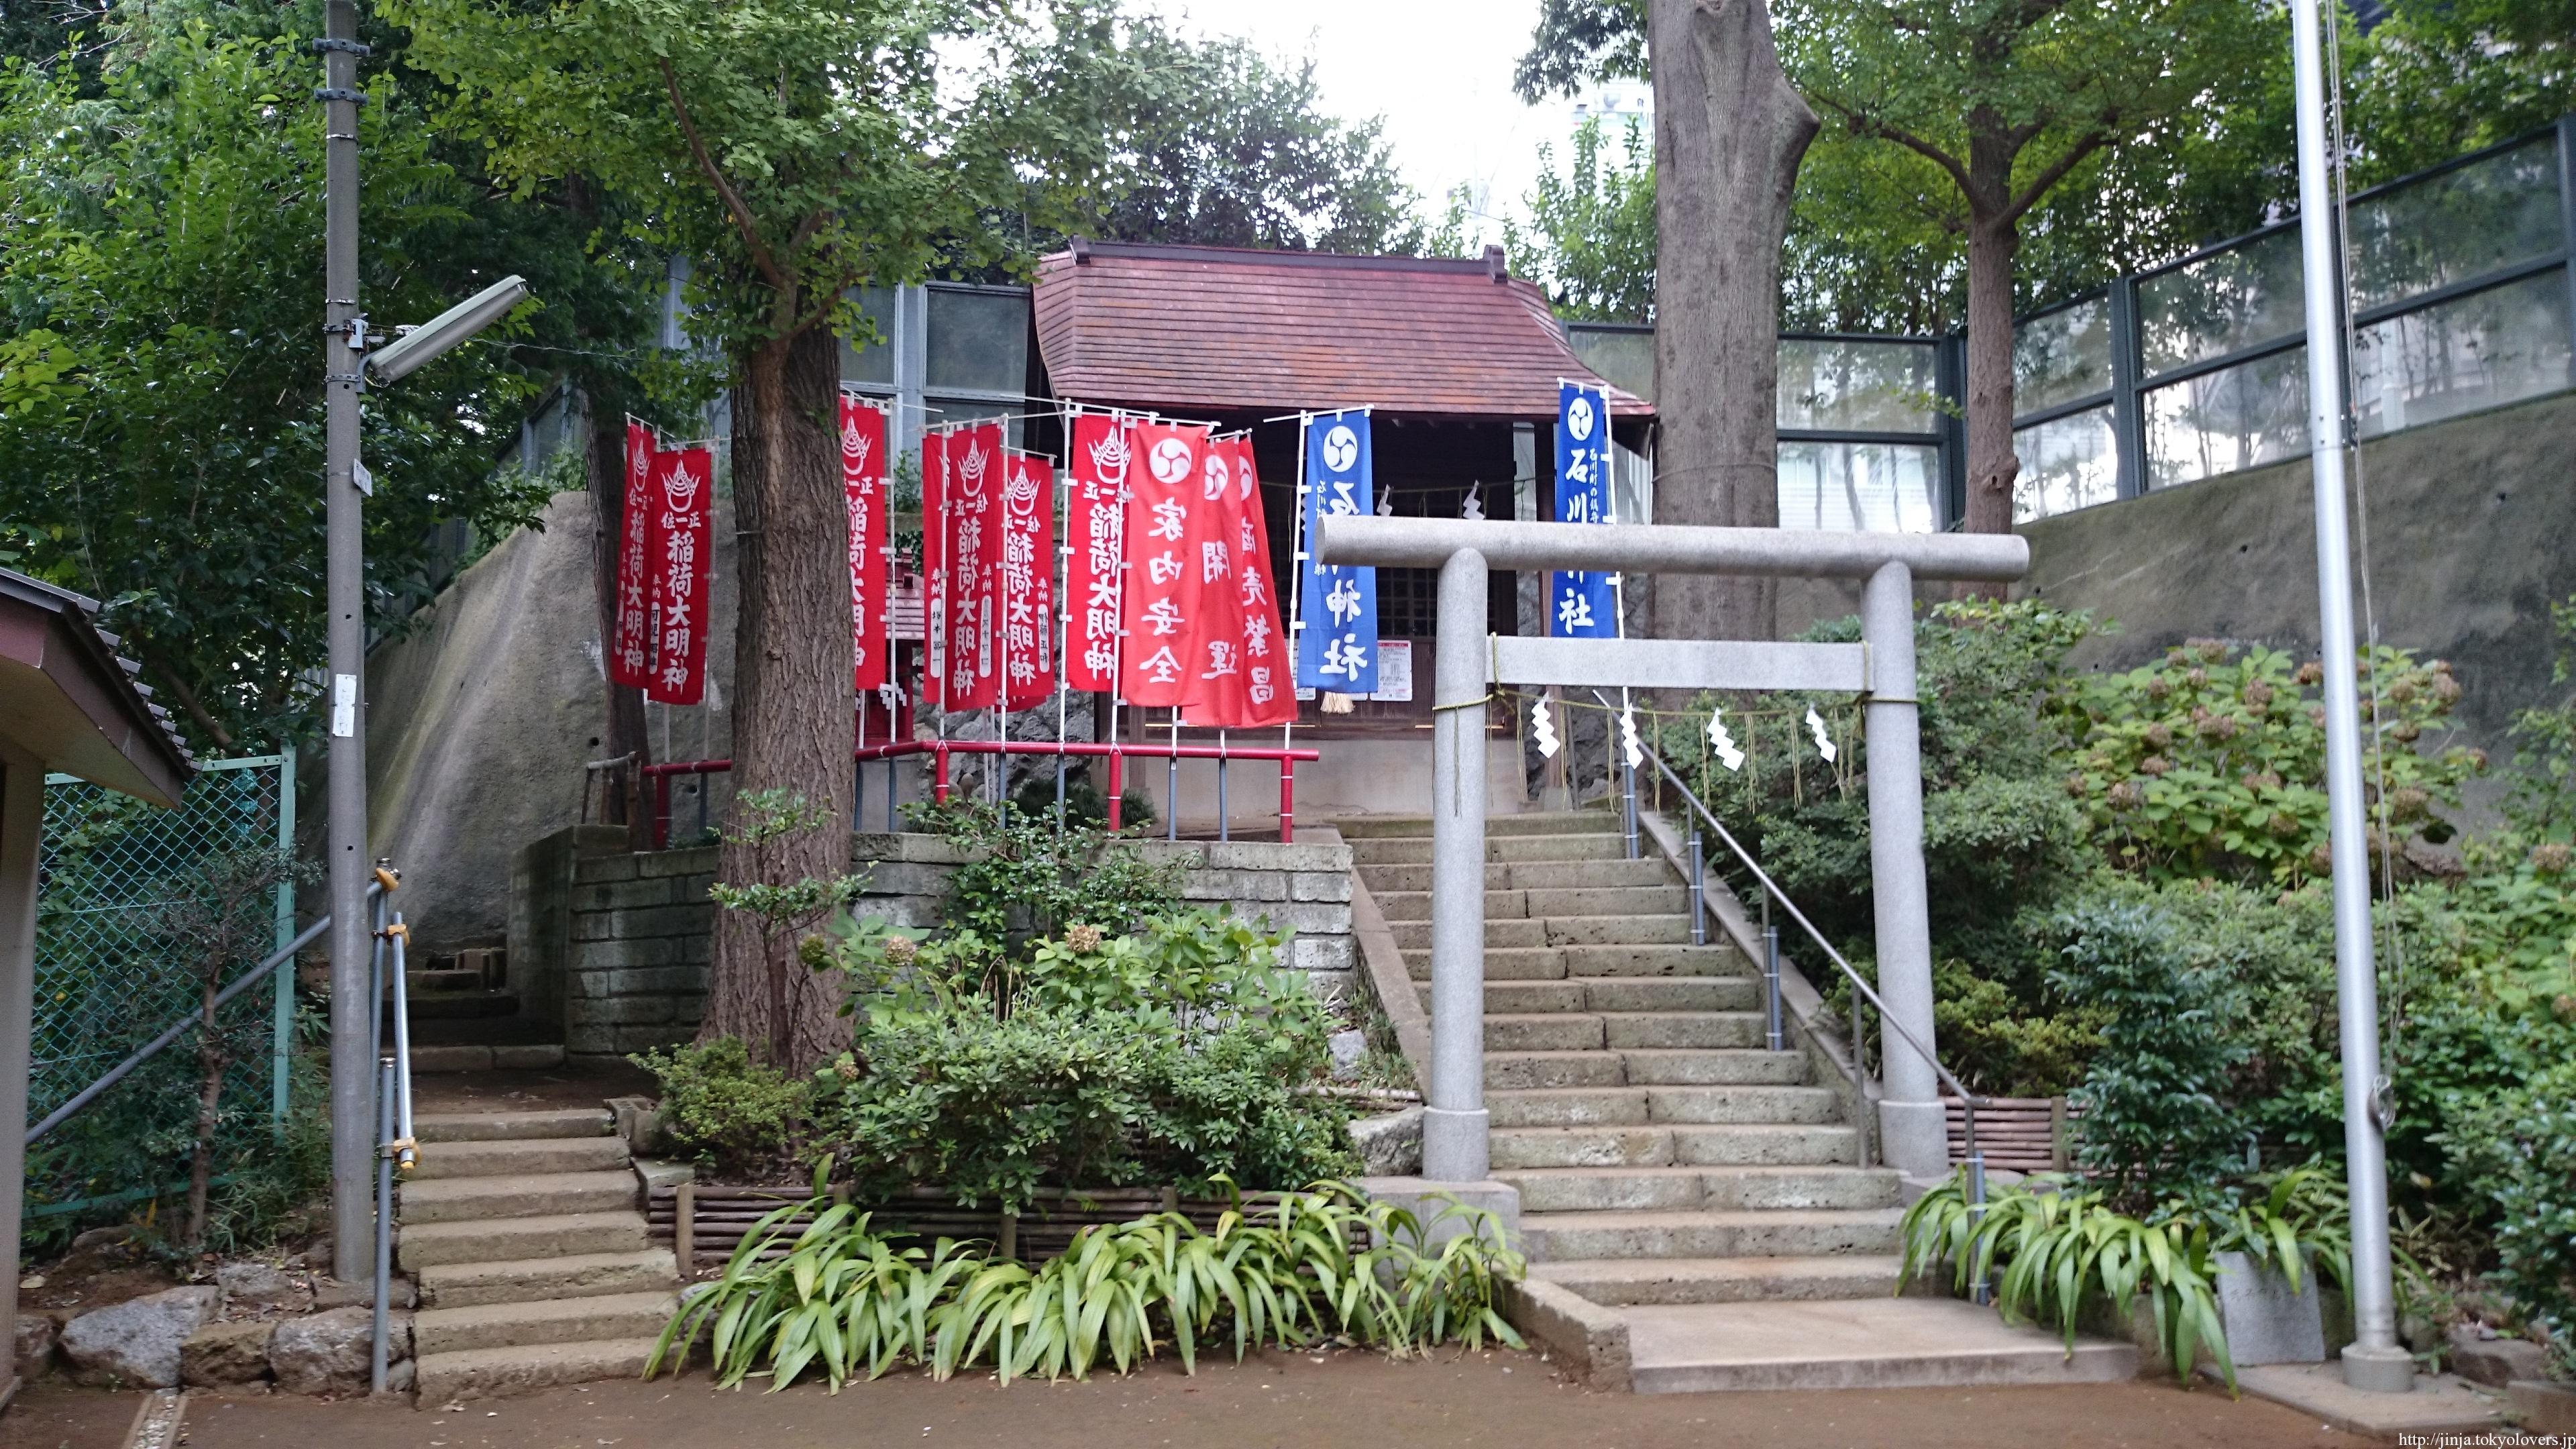 石川神社 | 神社と御朱印